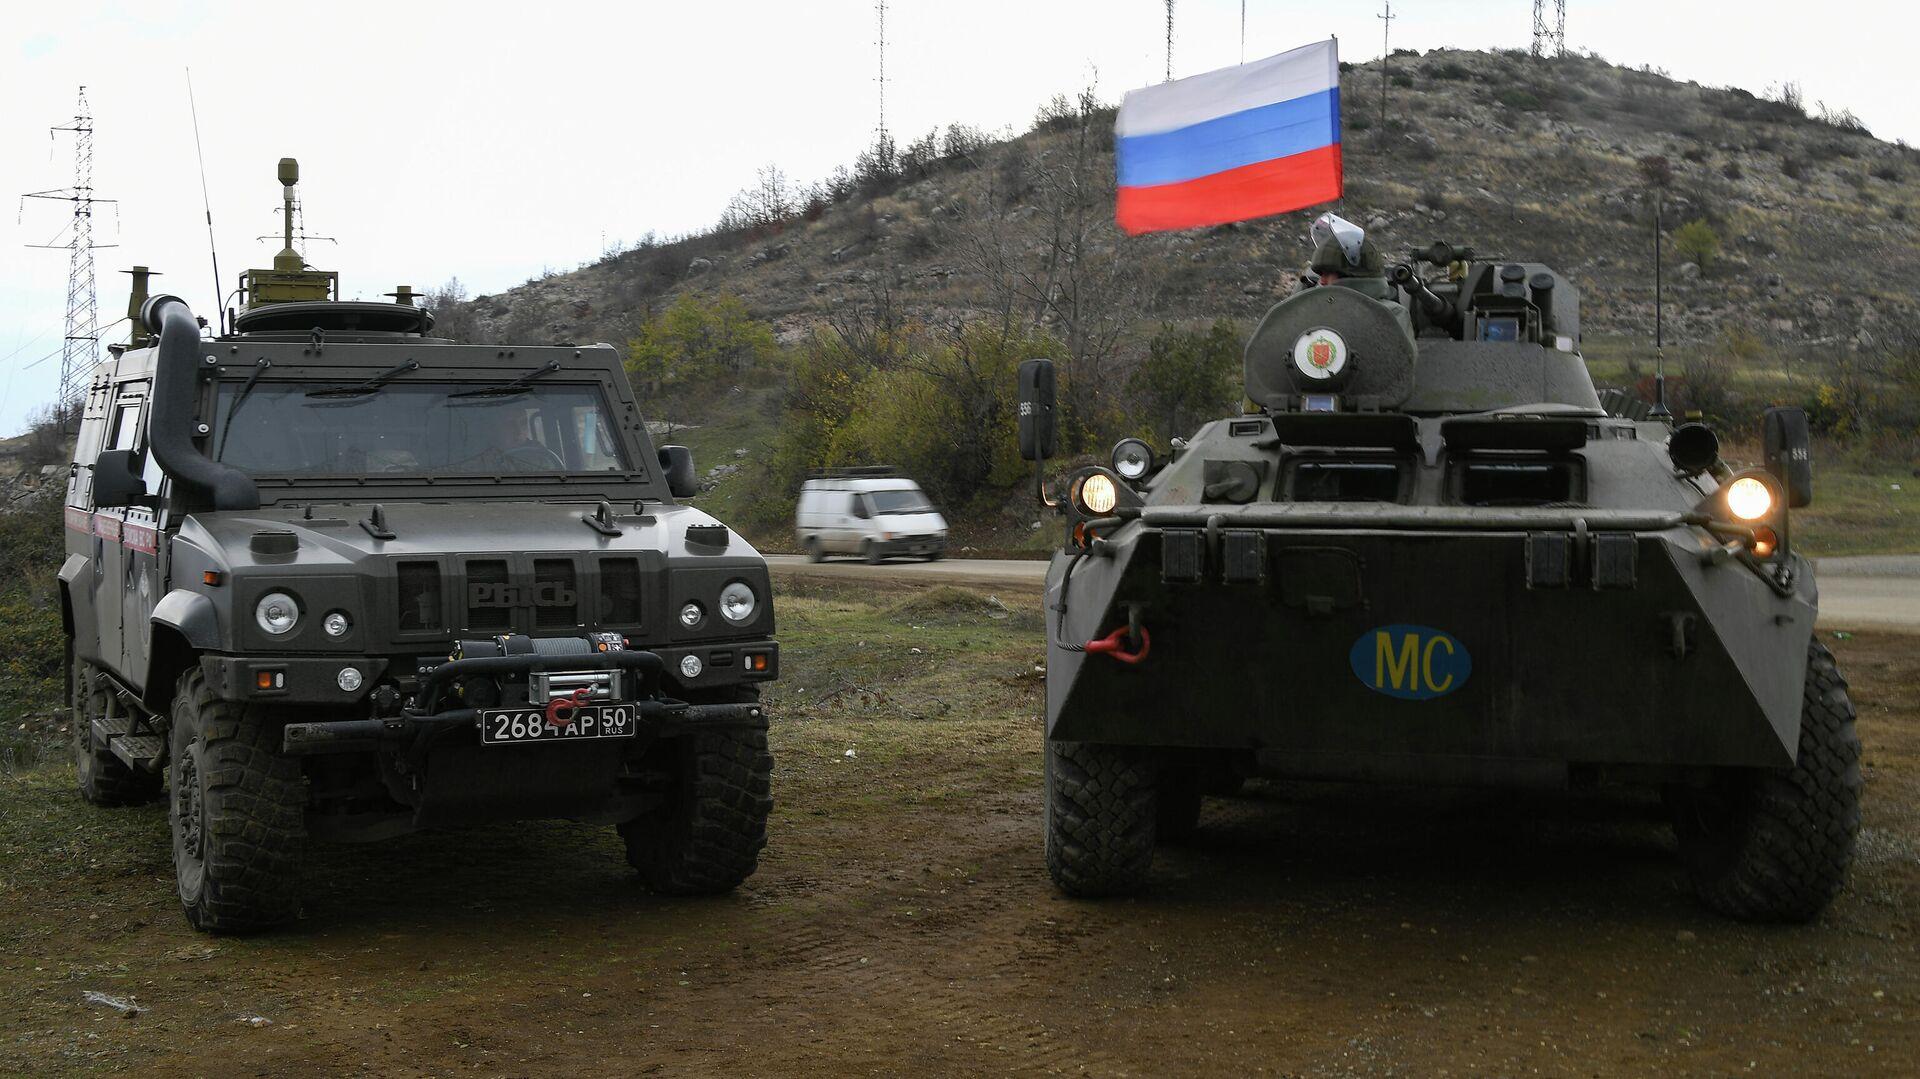 Un vehículo militar multiuso Tigr (a la izquierda) y un vehículo blindado de combate (a la derecha) del Ejército de Rusia - Sputnik Mundo, 1920, 05.03.2021